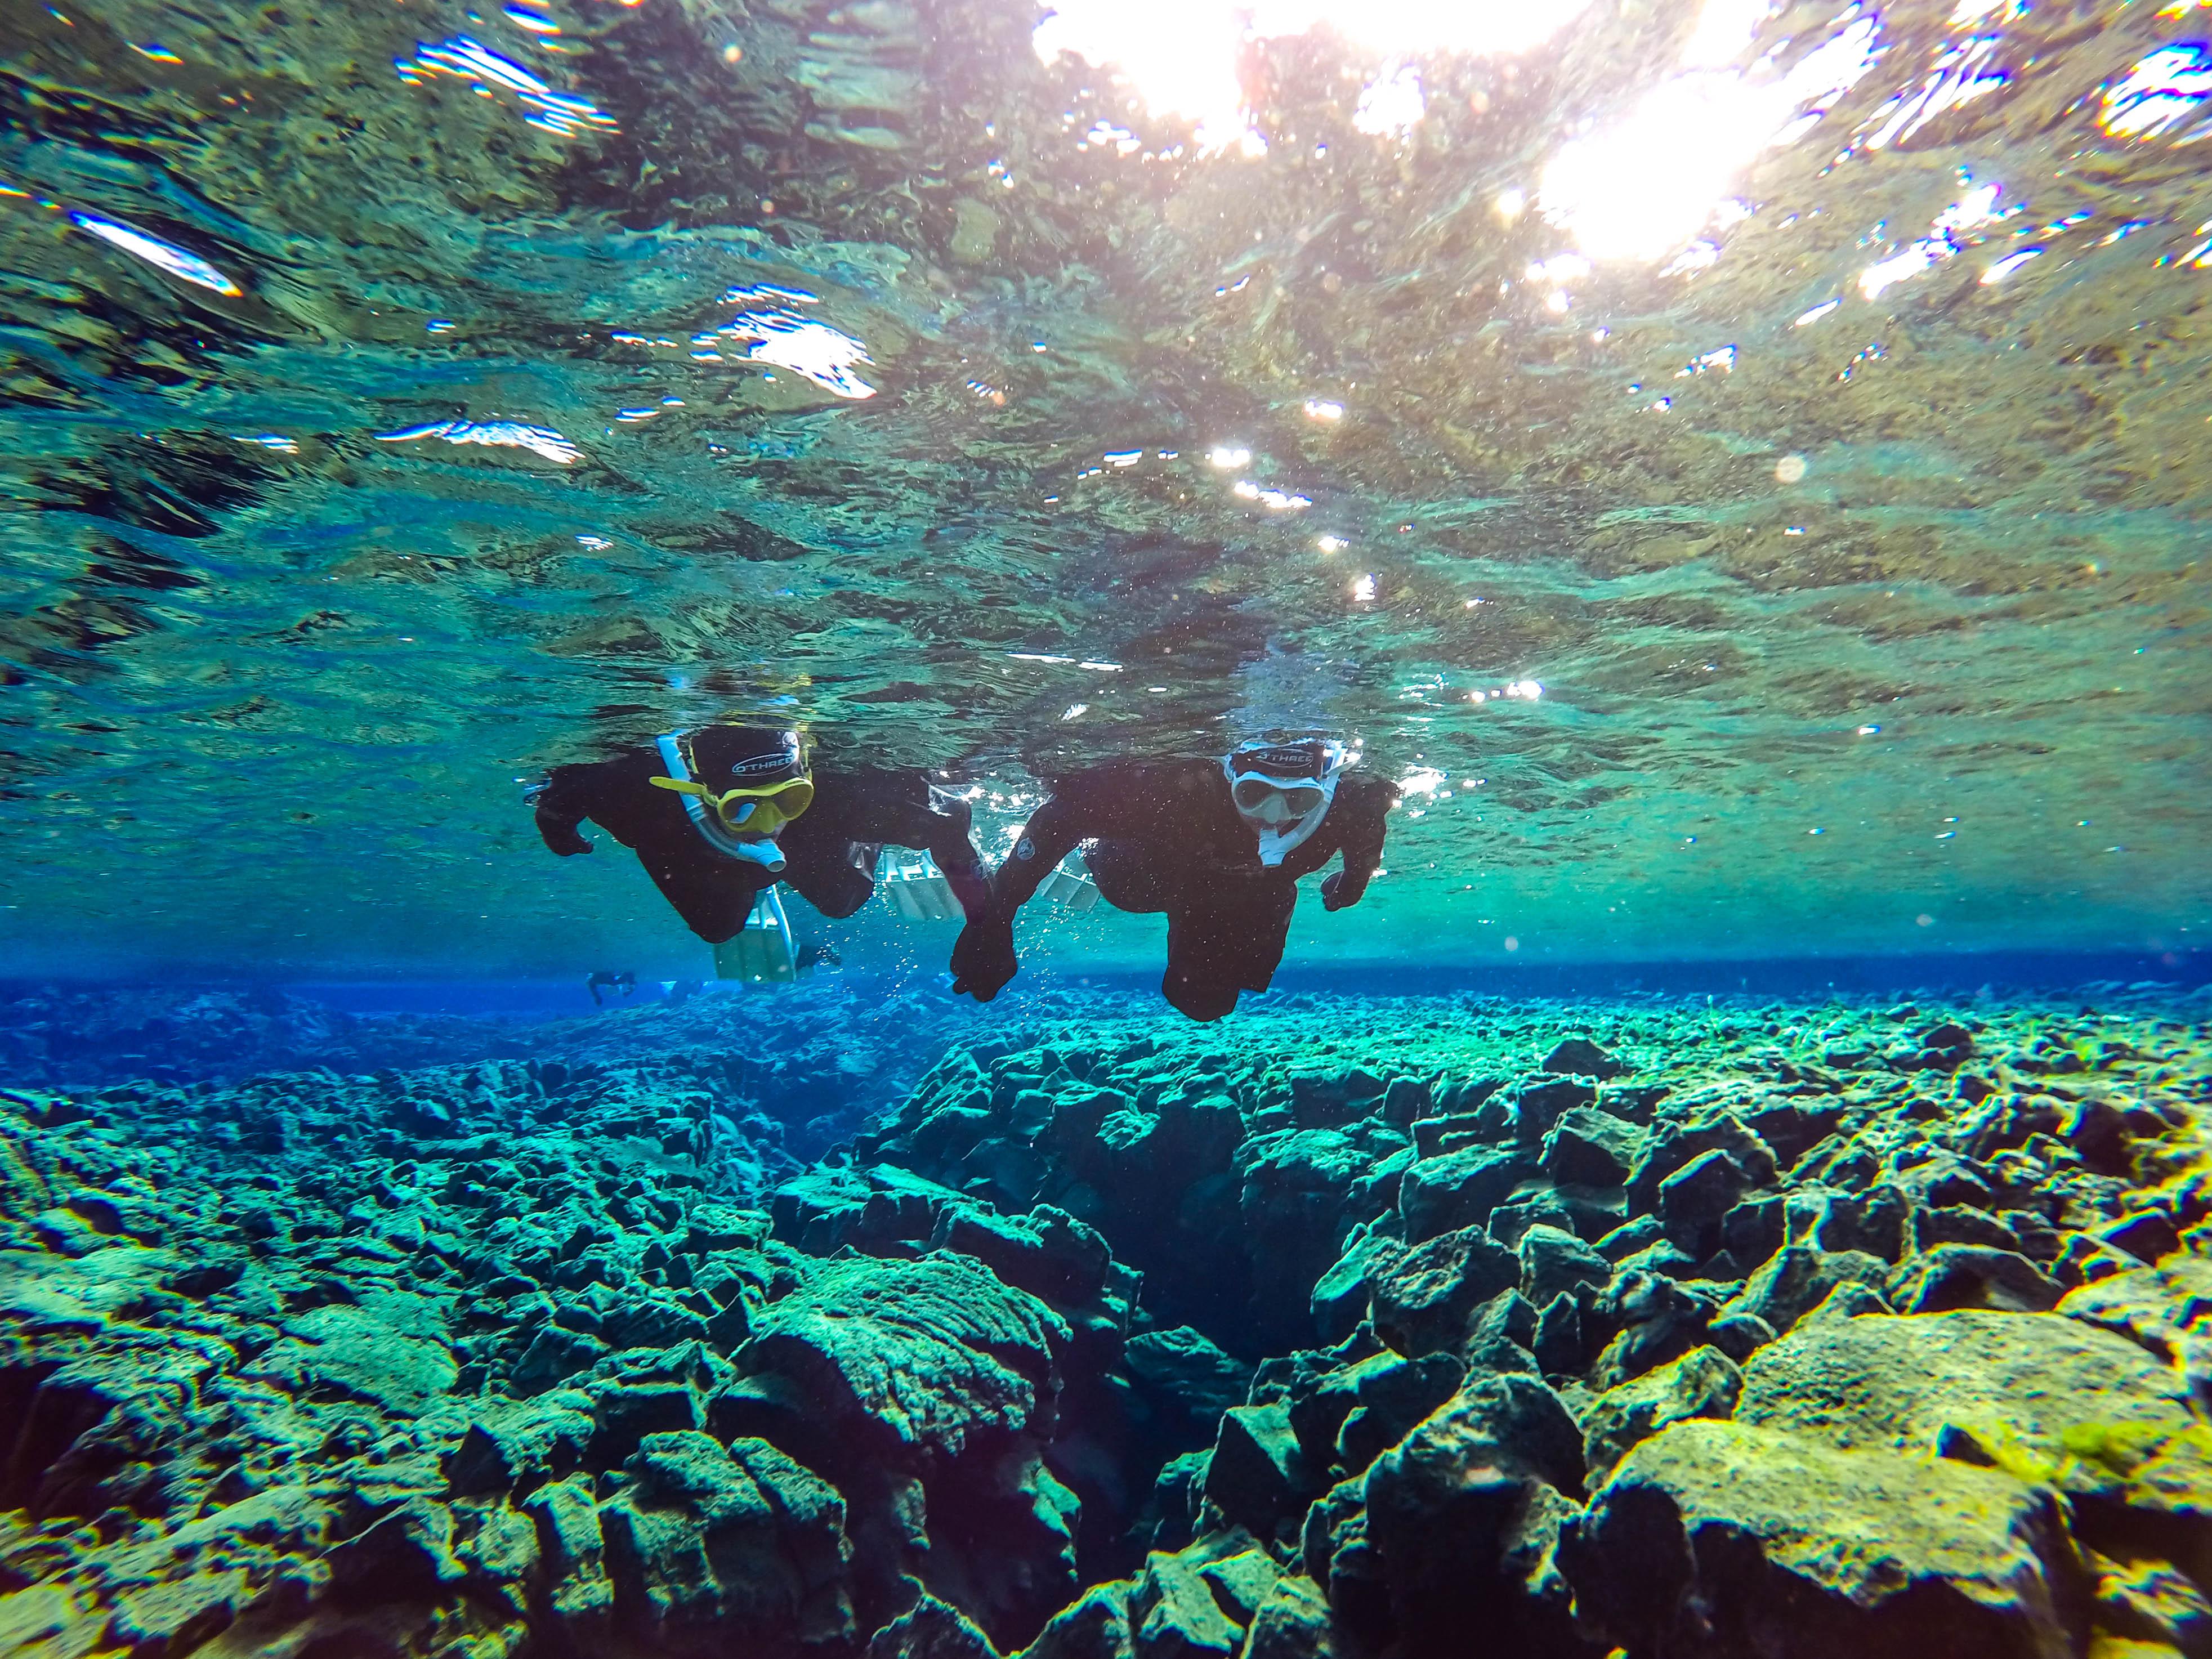 シルフラの泉は透明度が高く、人気のシュノーケリングスポット